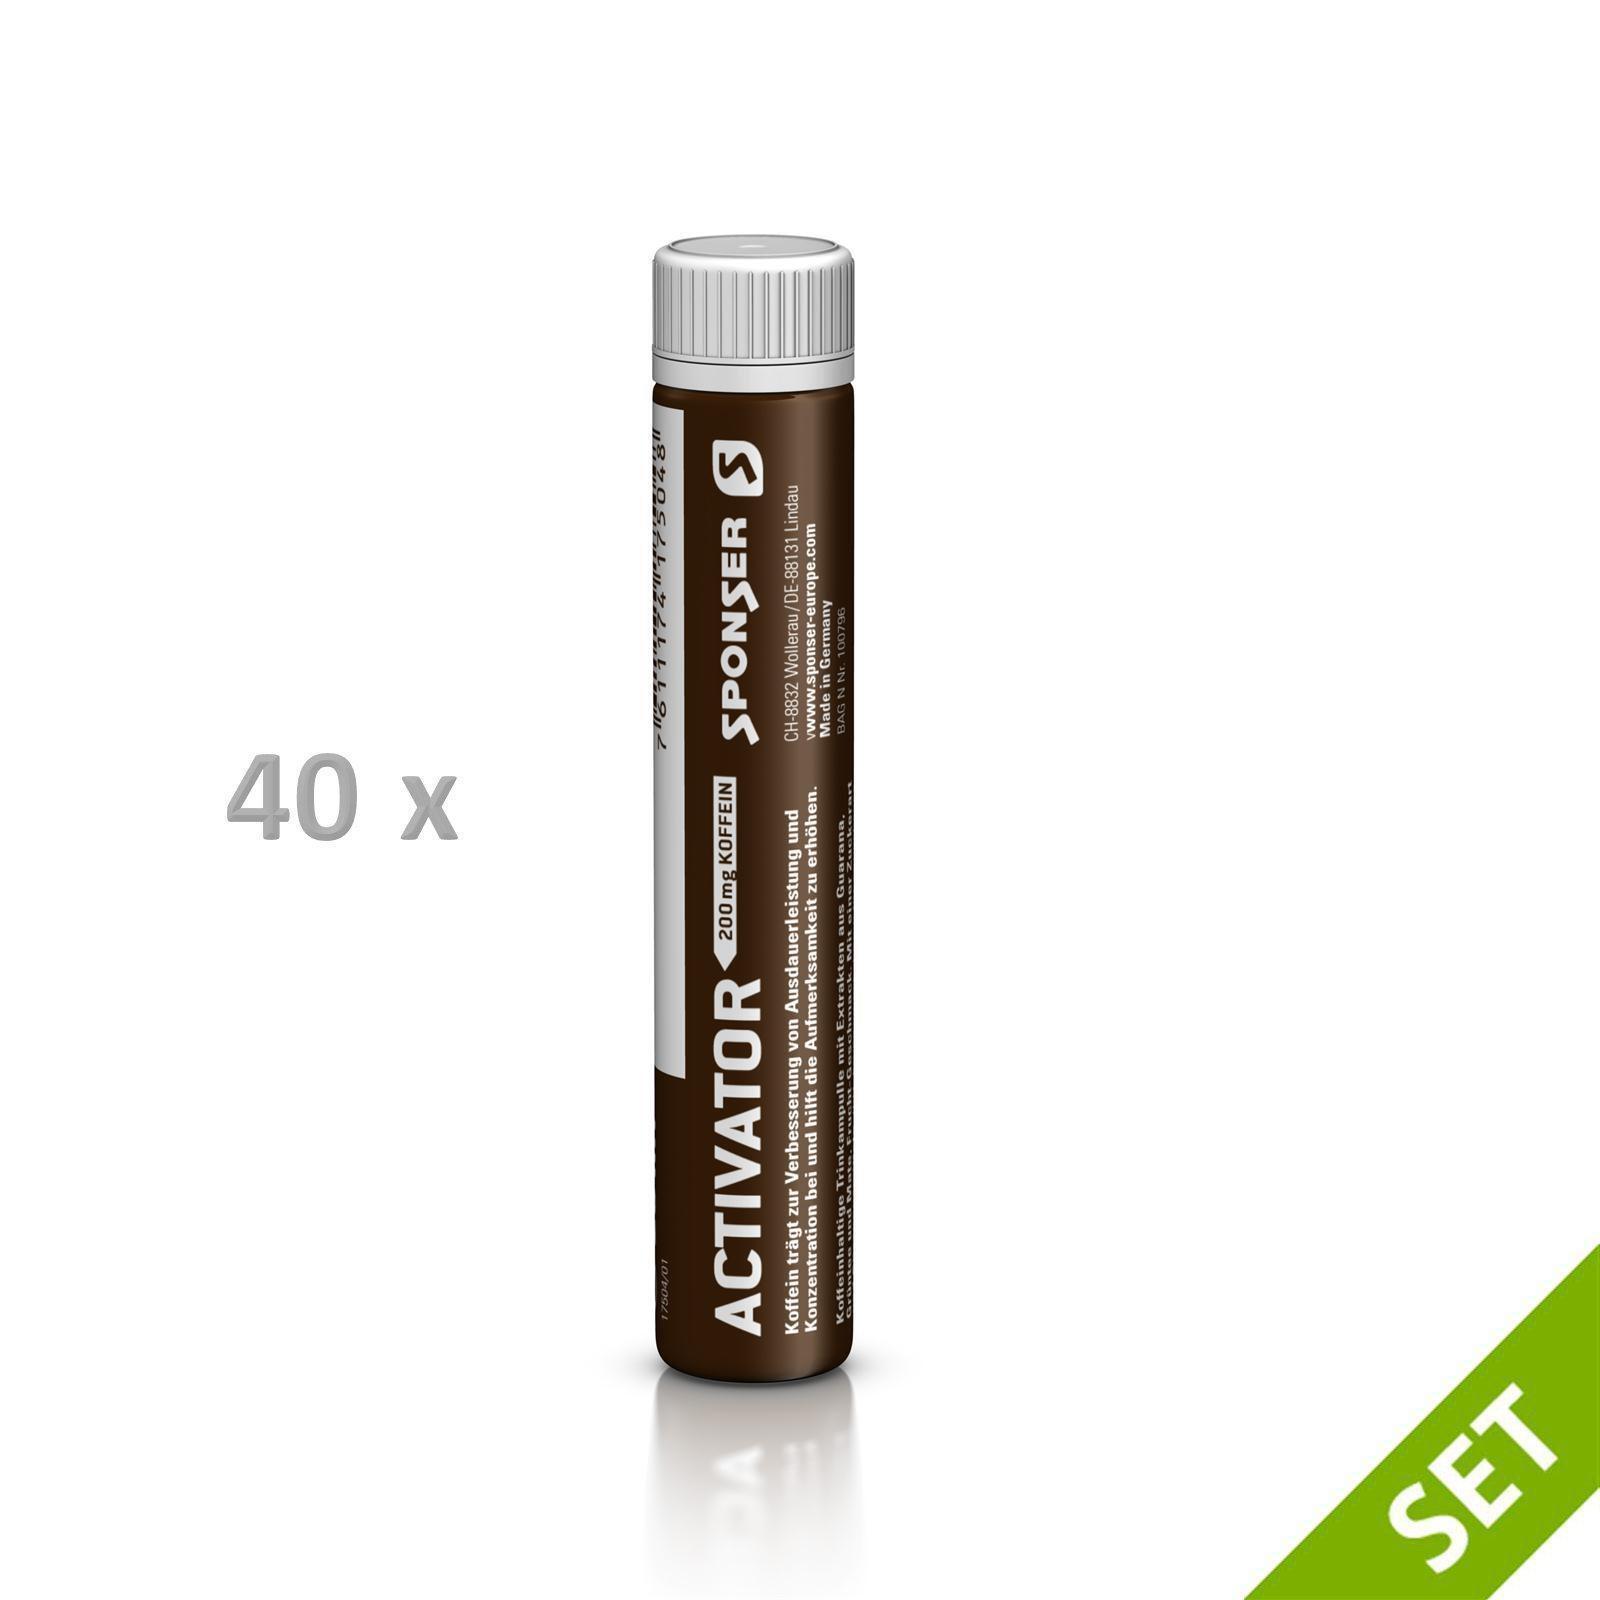 Sponser 40x25ml ACTIVATOR 200 40x25ml Sponser Röhrchen SPARSET Energy Koffeein Fitness 1b9b81